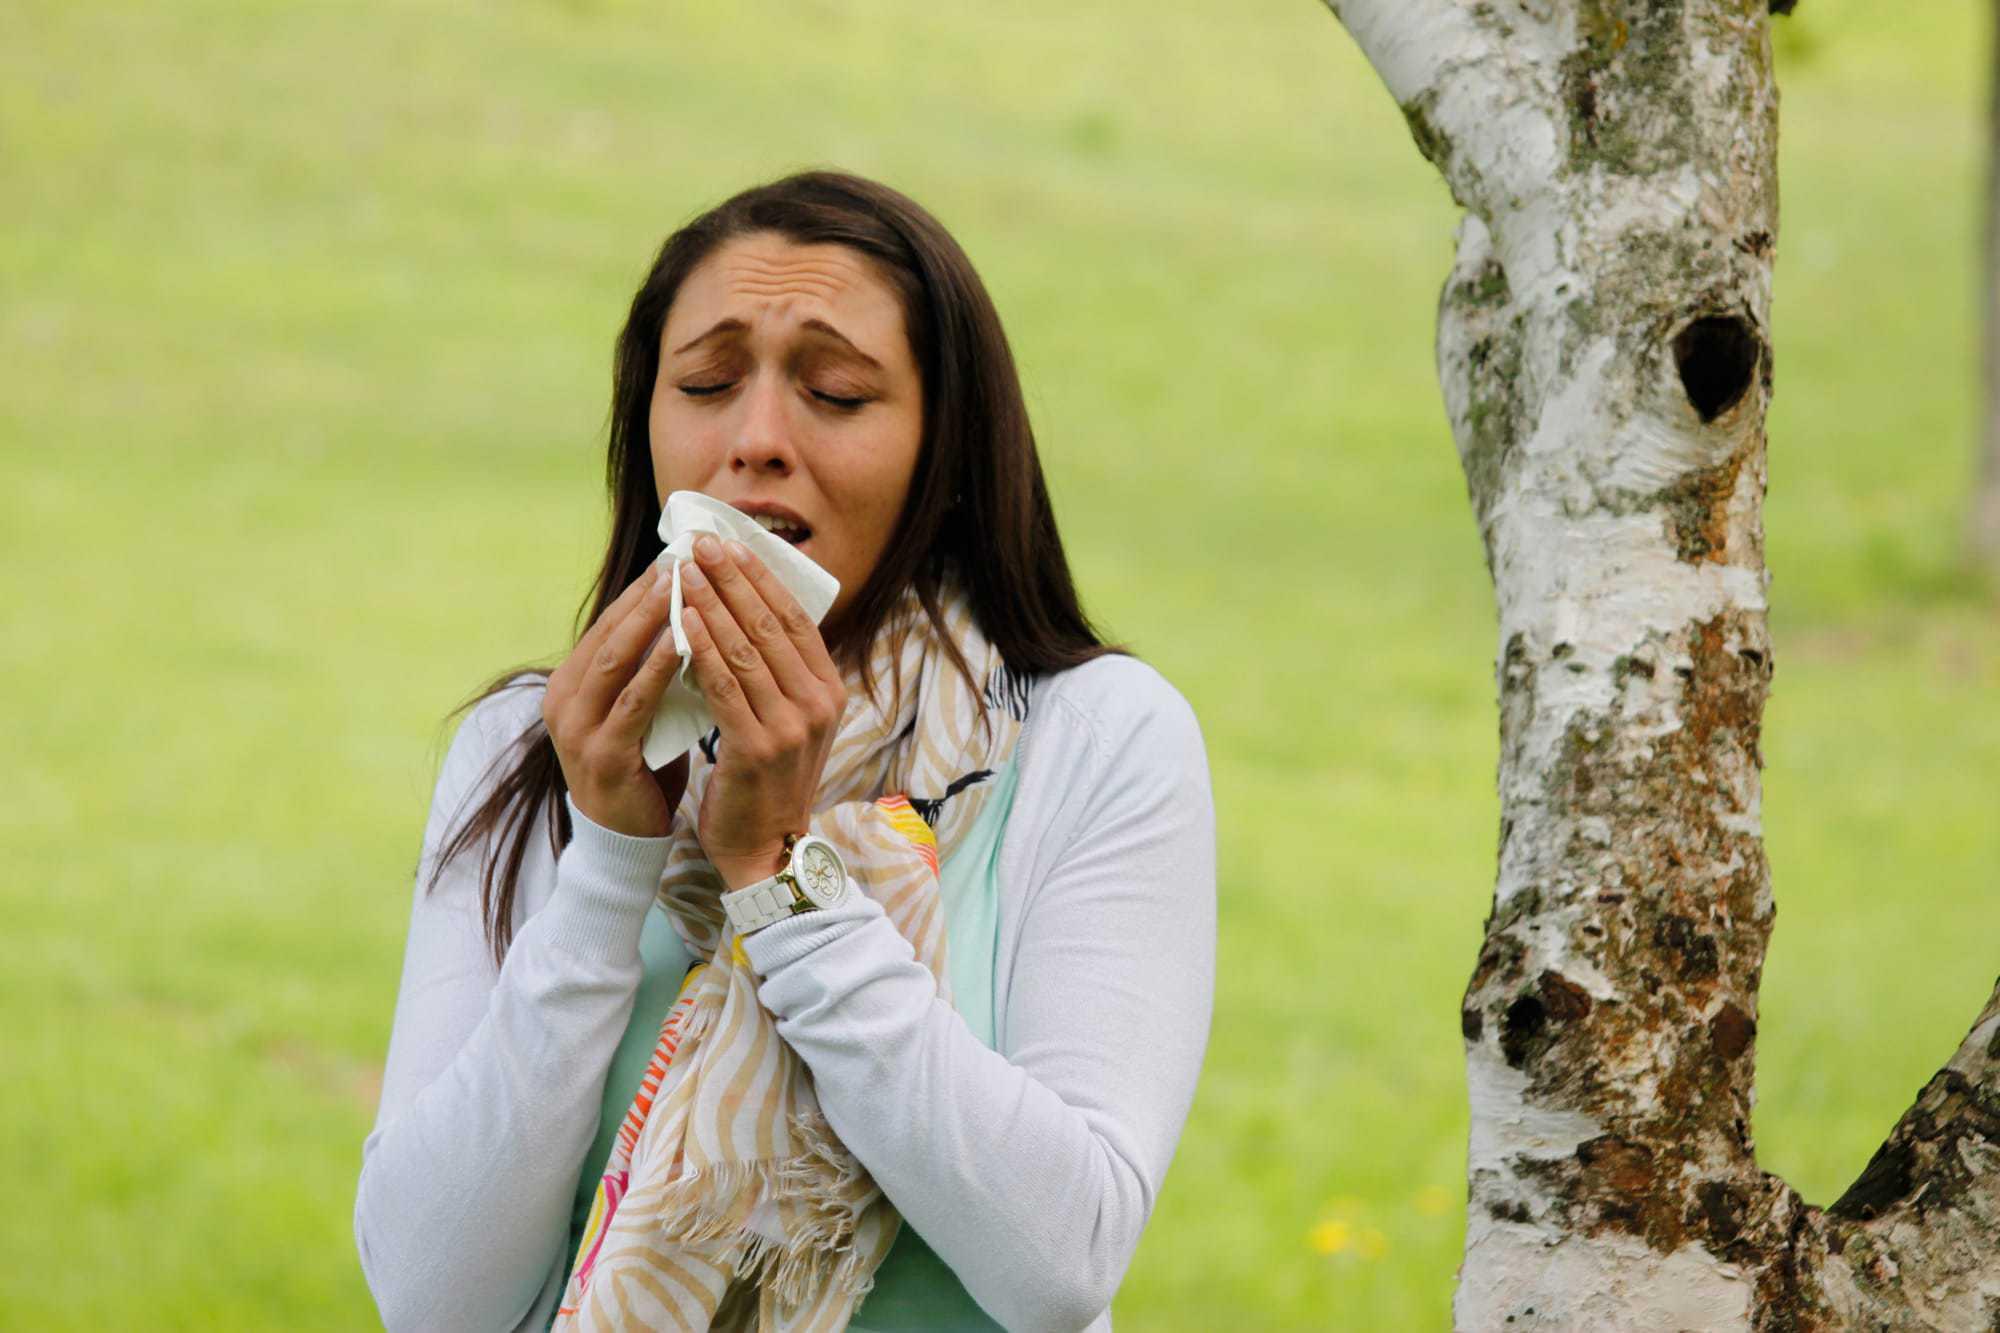 Junge Frau, Birke, Heuschnupfen, Asthma,